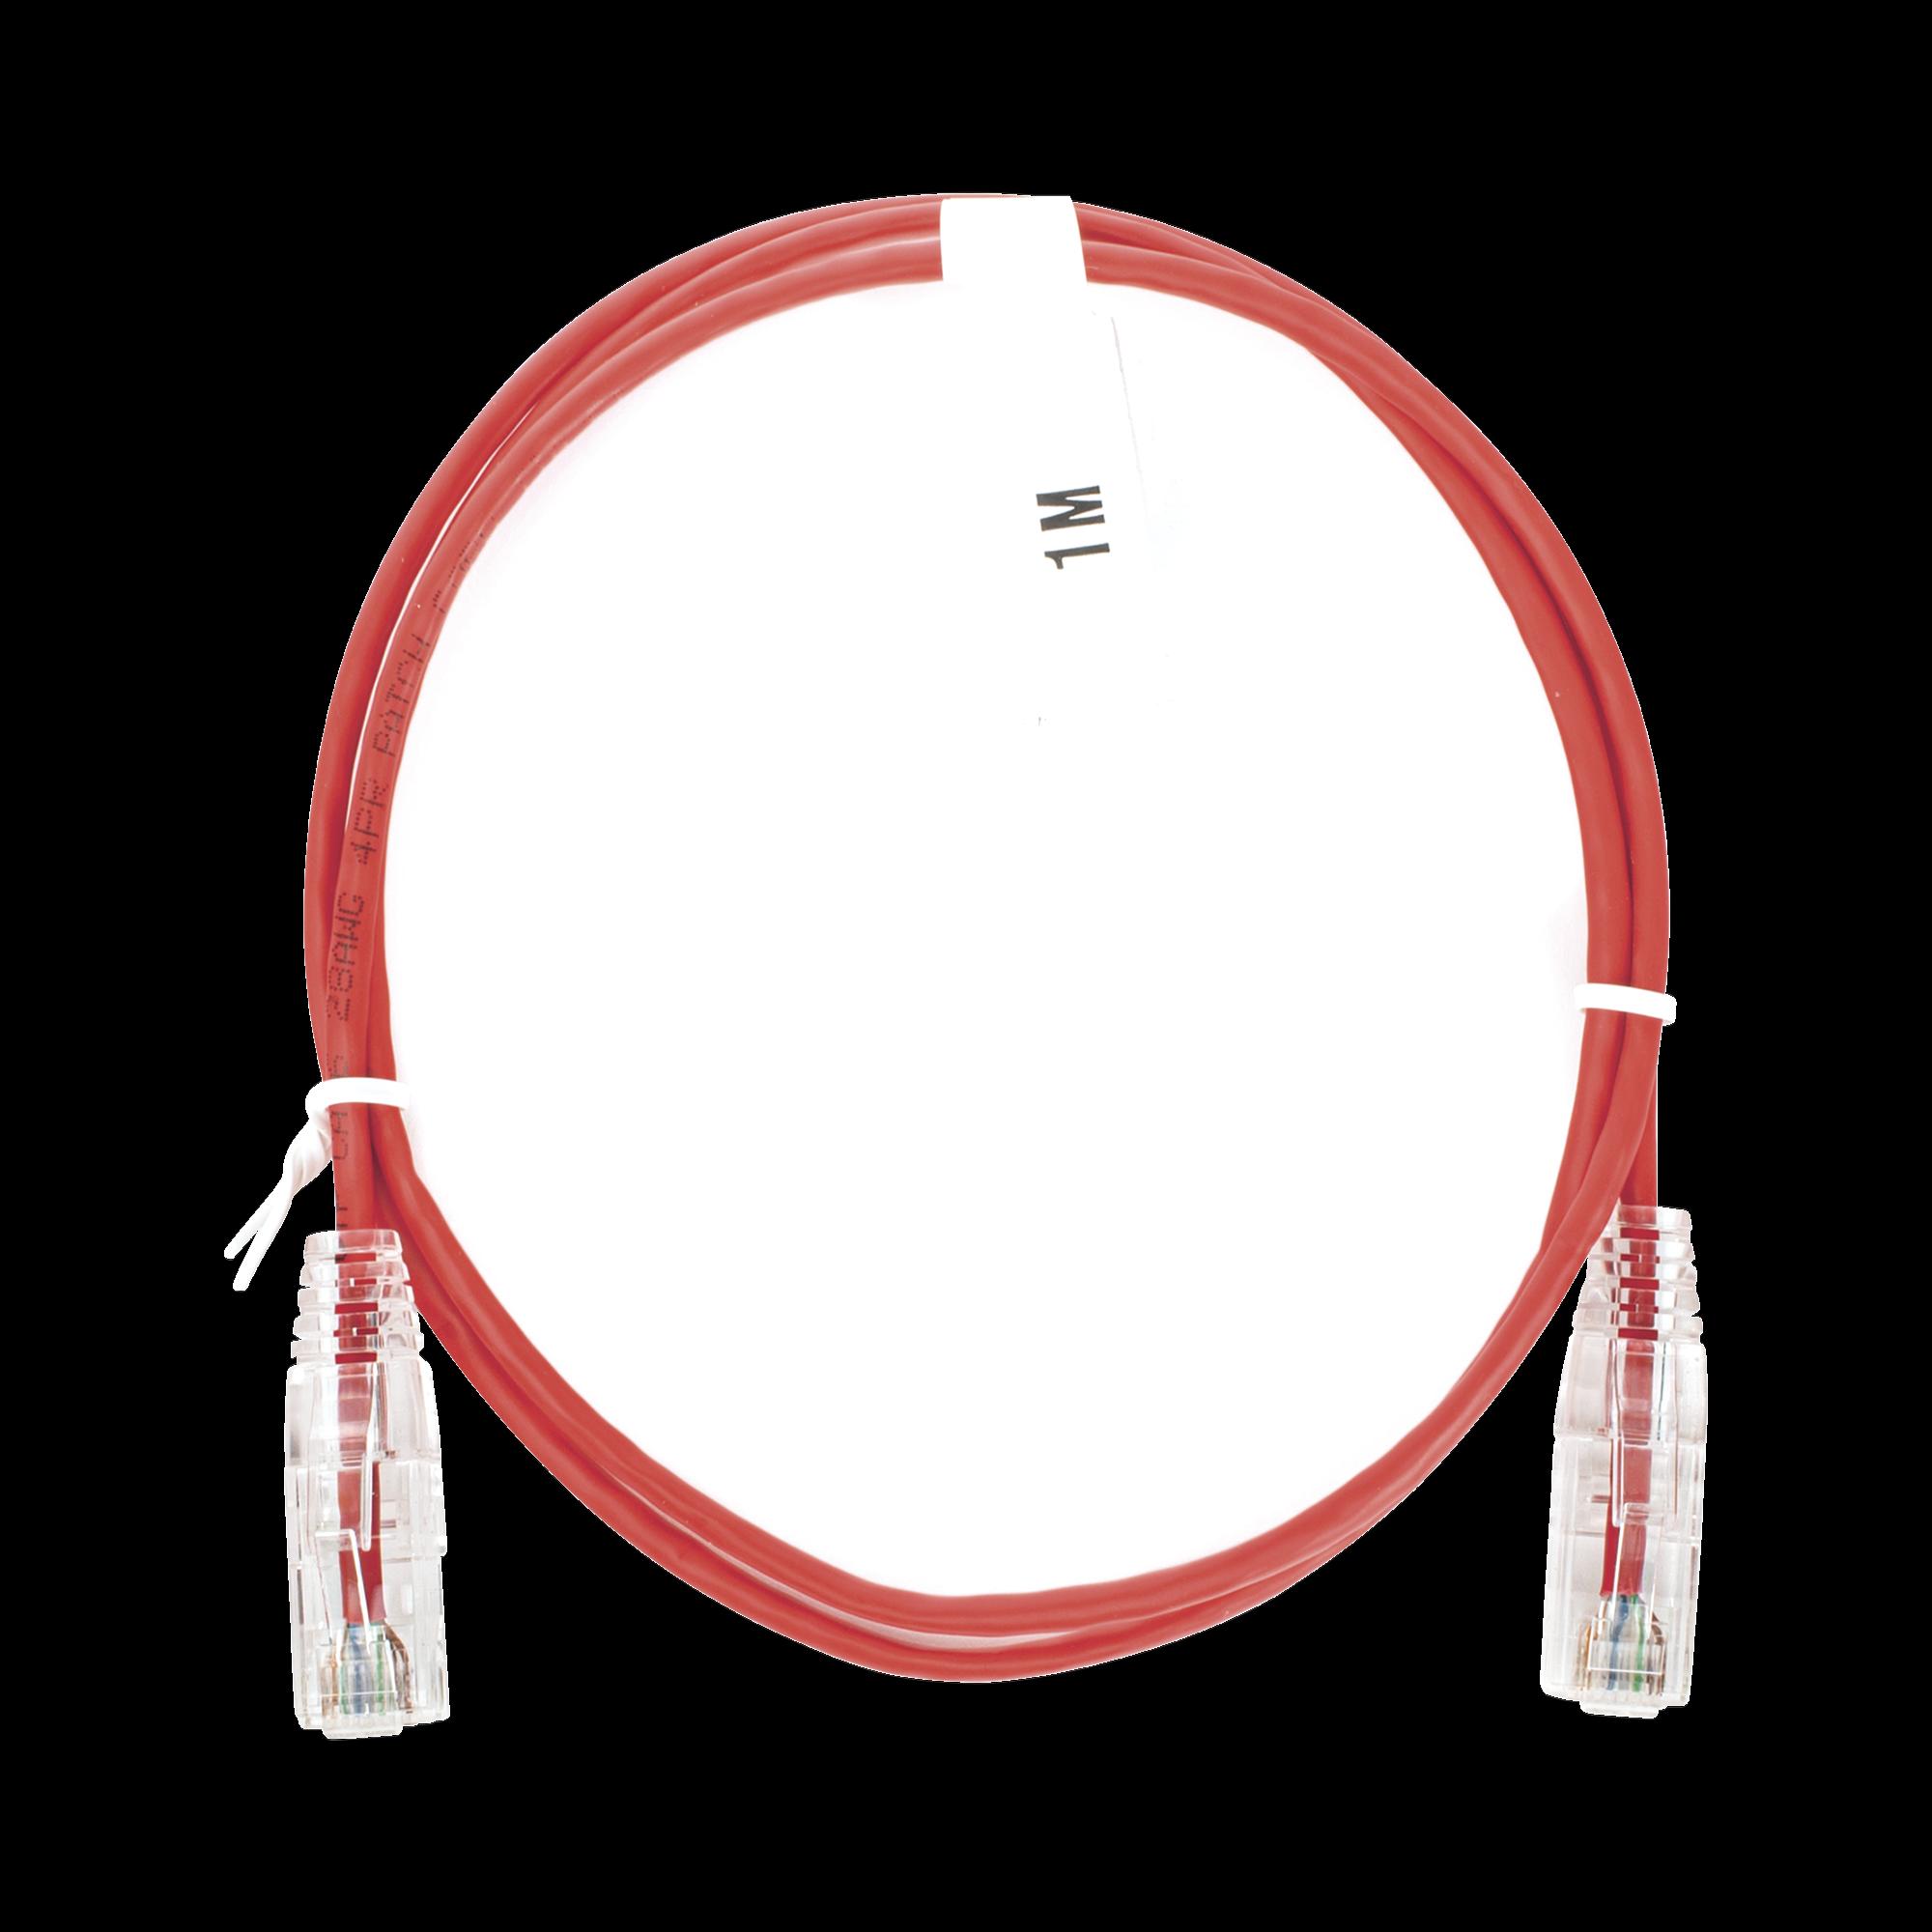 Cable de Parcheo Slim UTP Cat6 - 1 metro, Rojo, Diámetro Reducido (28 AWG)